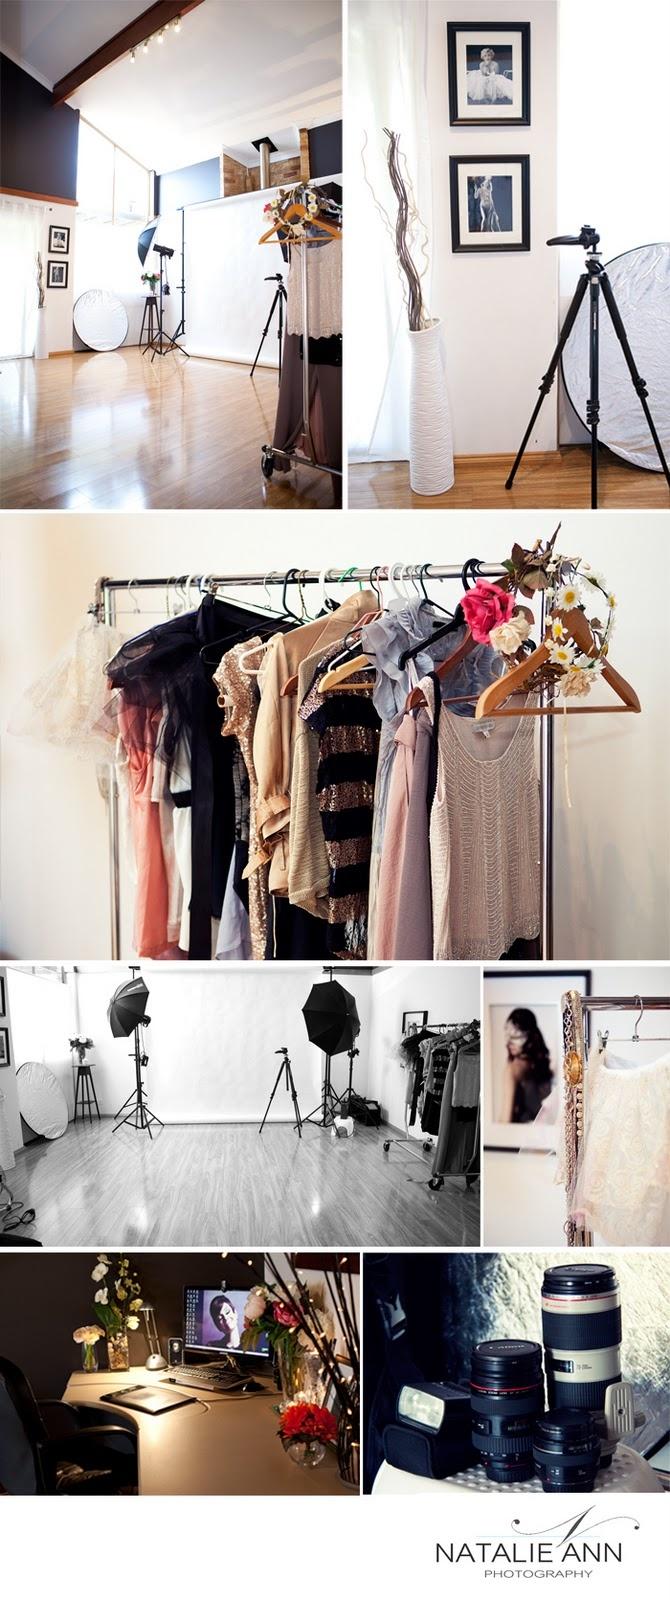 Natalie Ann Photography: Natalie Ann Photography - Portrait Couture